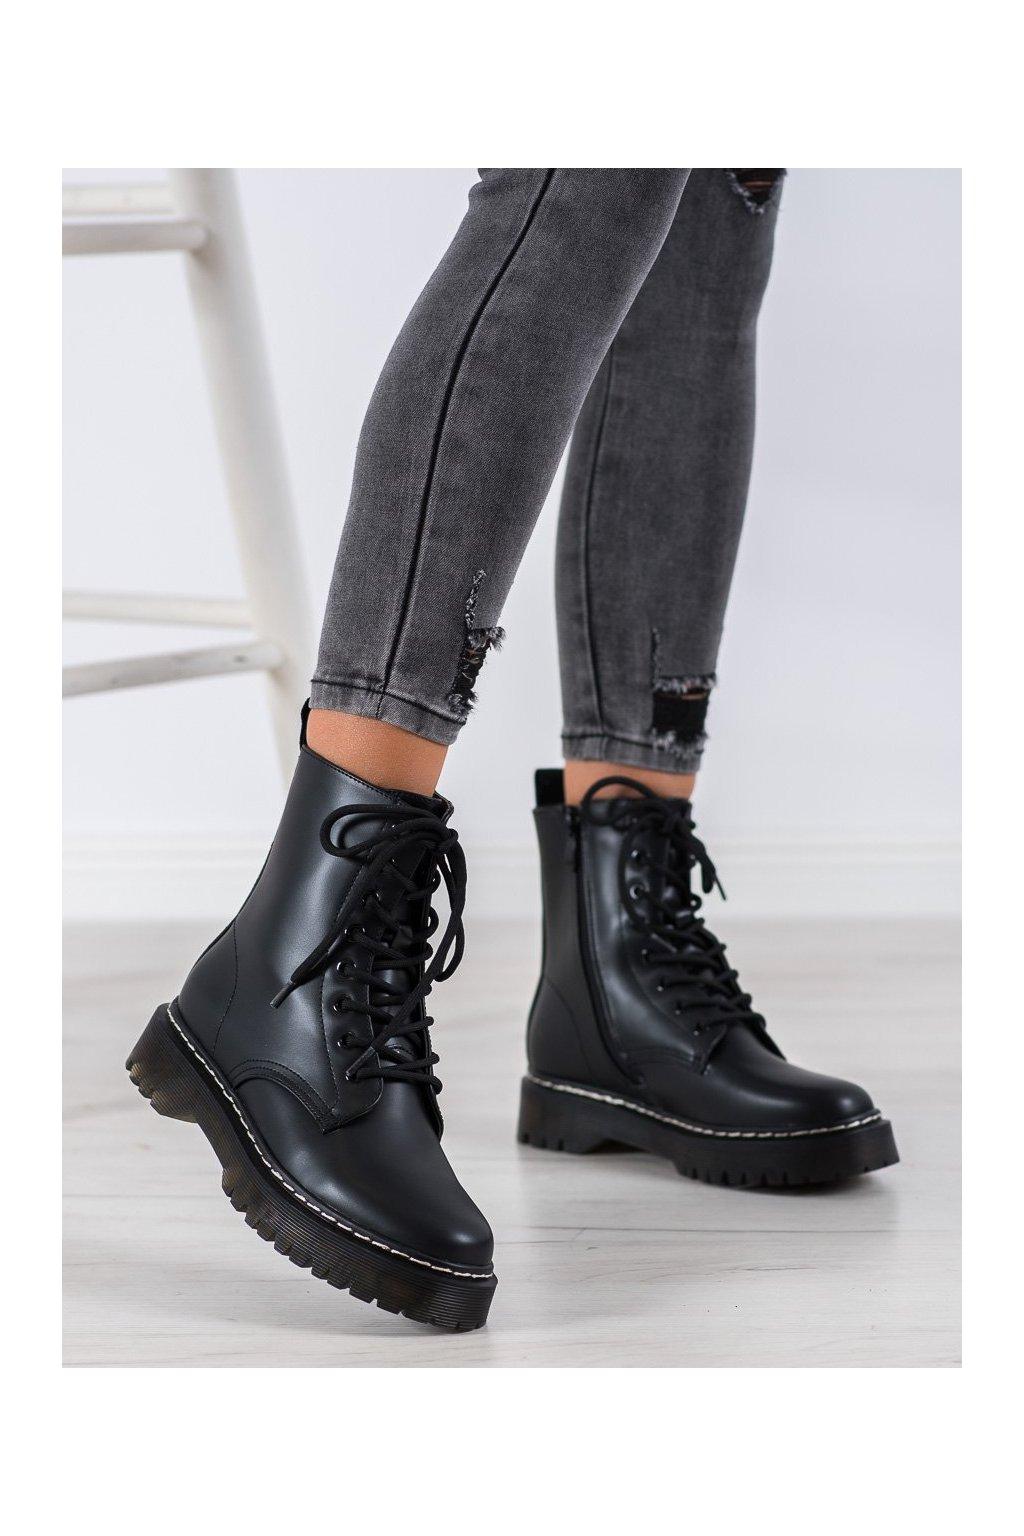 Čierne dámske topánky Shelovet kod 7-X8236B